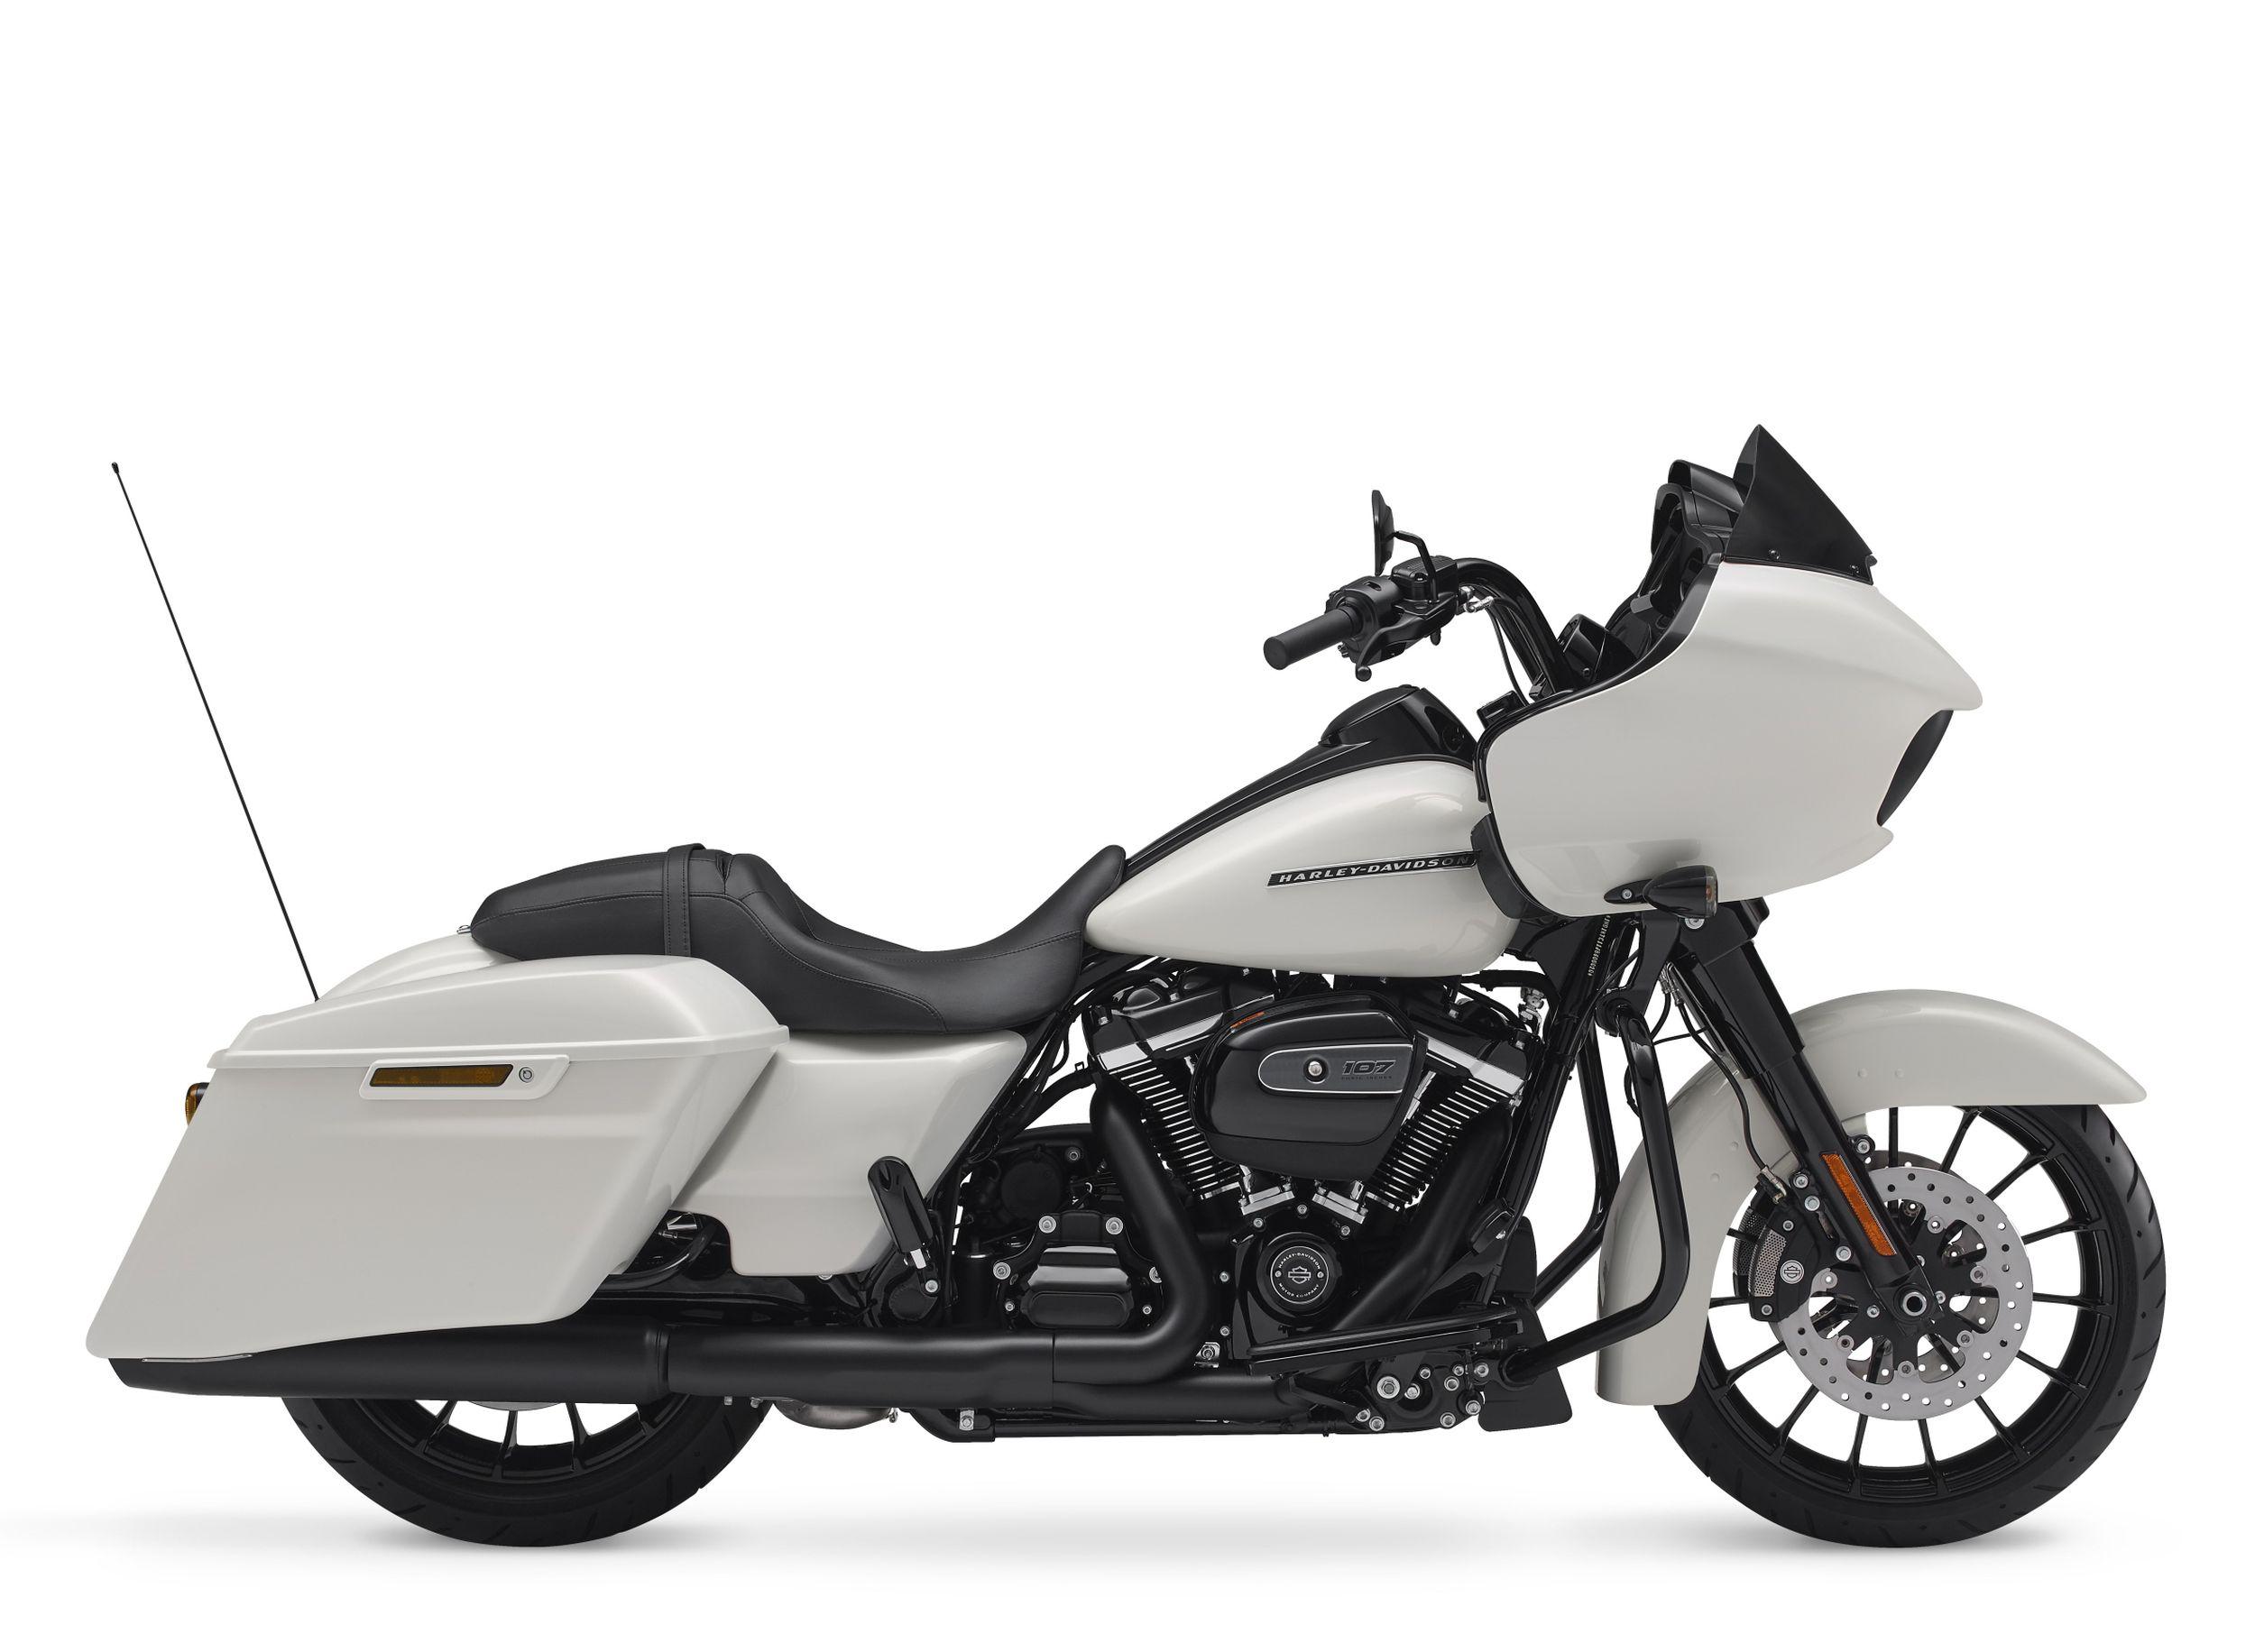 gebrauchte harley davidson road glide special fltrxs motorr der kaufen. Black Bedroom Furniture Sets. Home Design Ideas